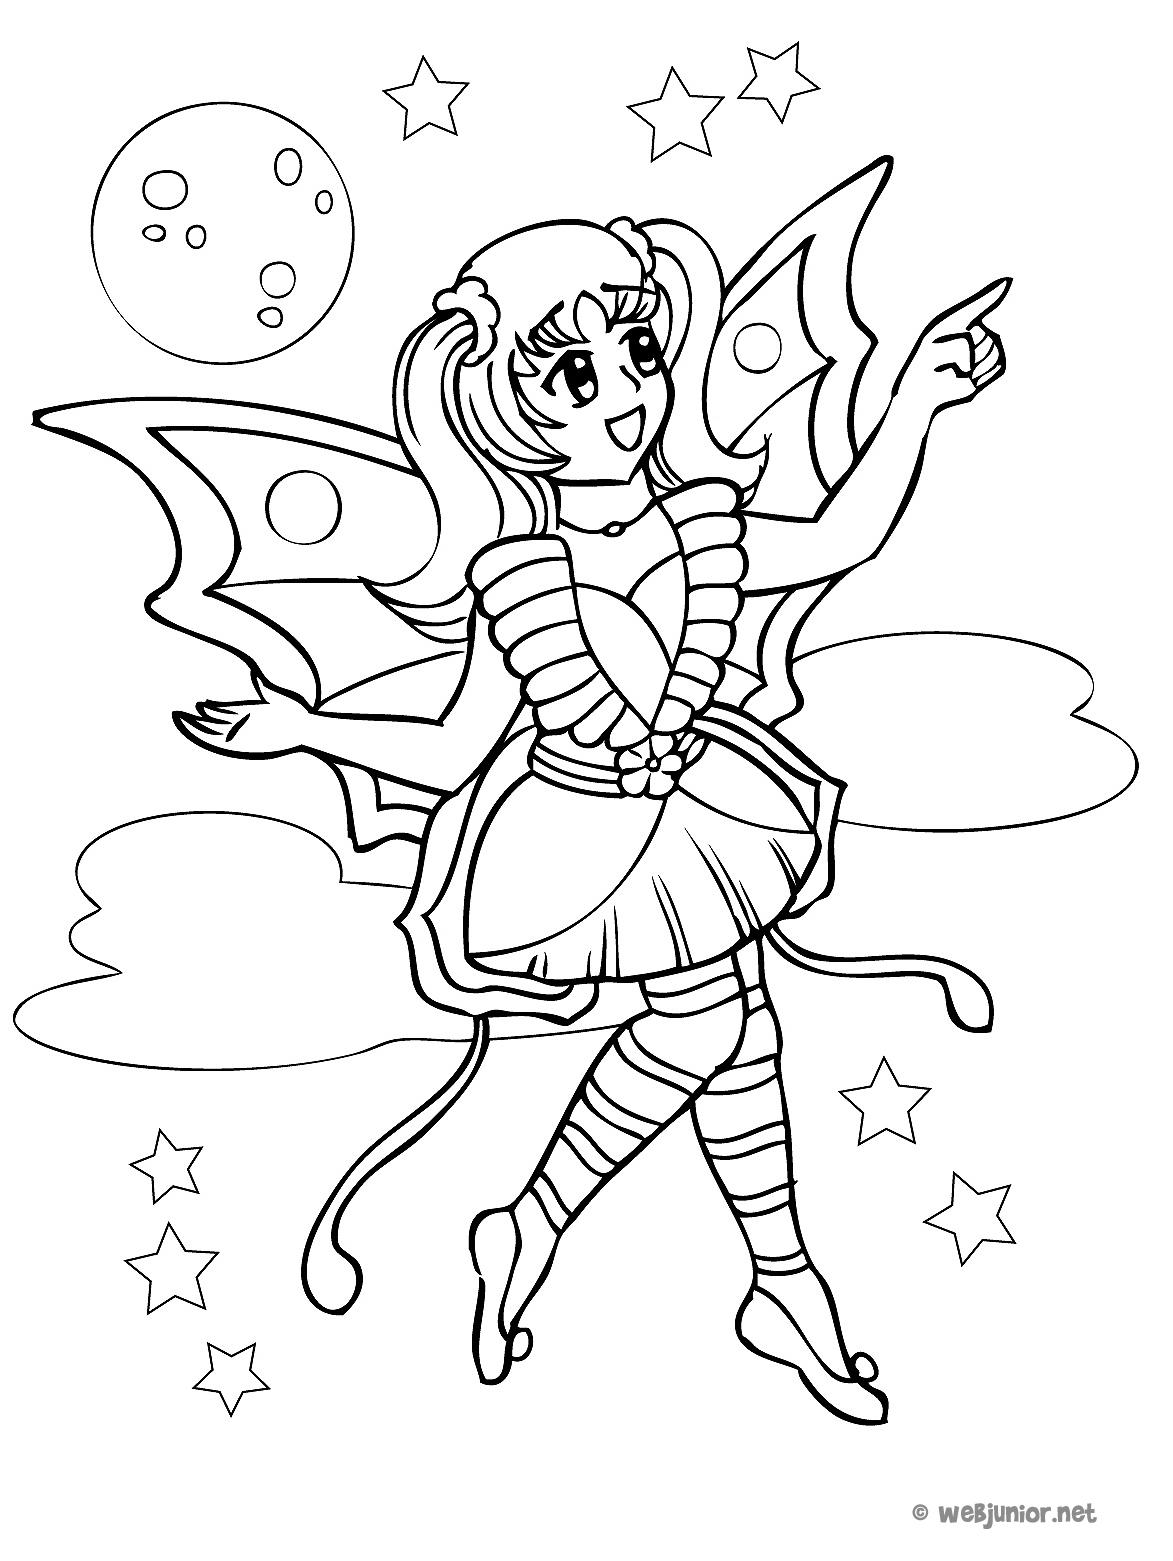 Coloriage Famille Papillon.La Fee Papillon Coloriage Mangas Gratuit Sur Webjunior